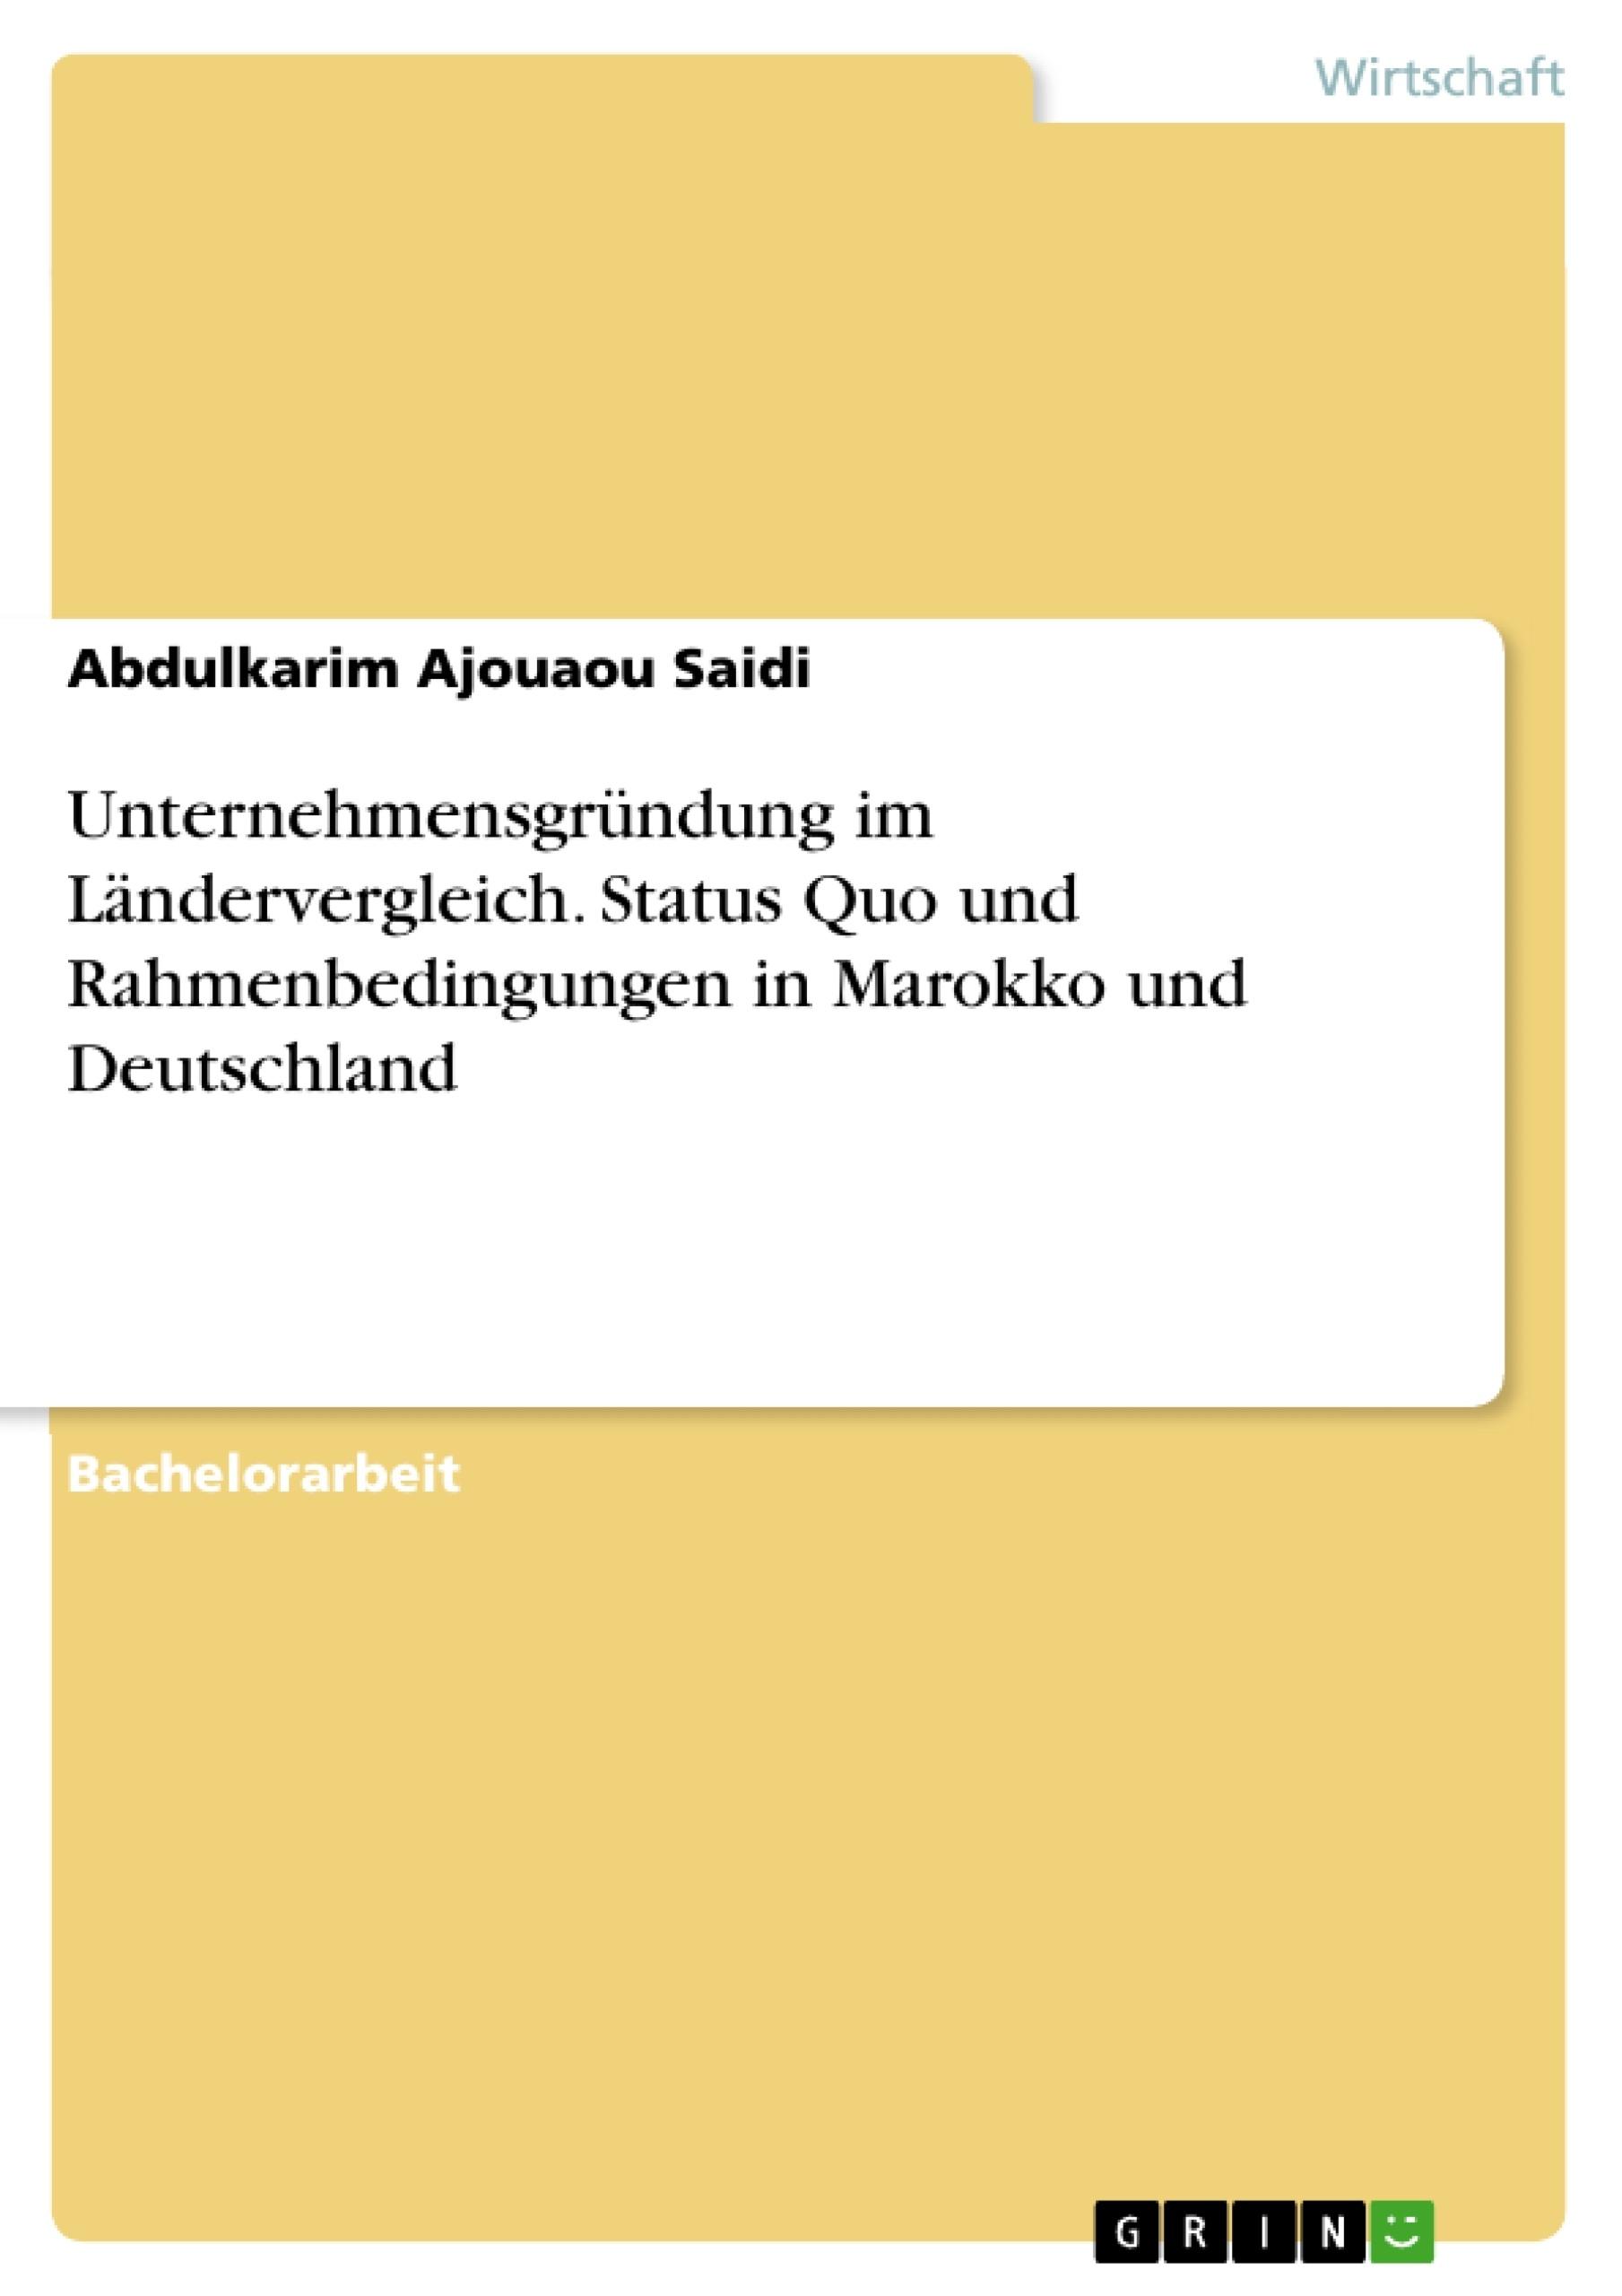 Titel: Unternehmensgründung im Ländervergleich. Status Quo und Rahmenbedingungen in Marokko und Deutschland